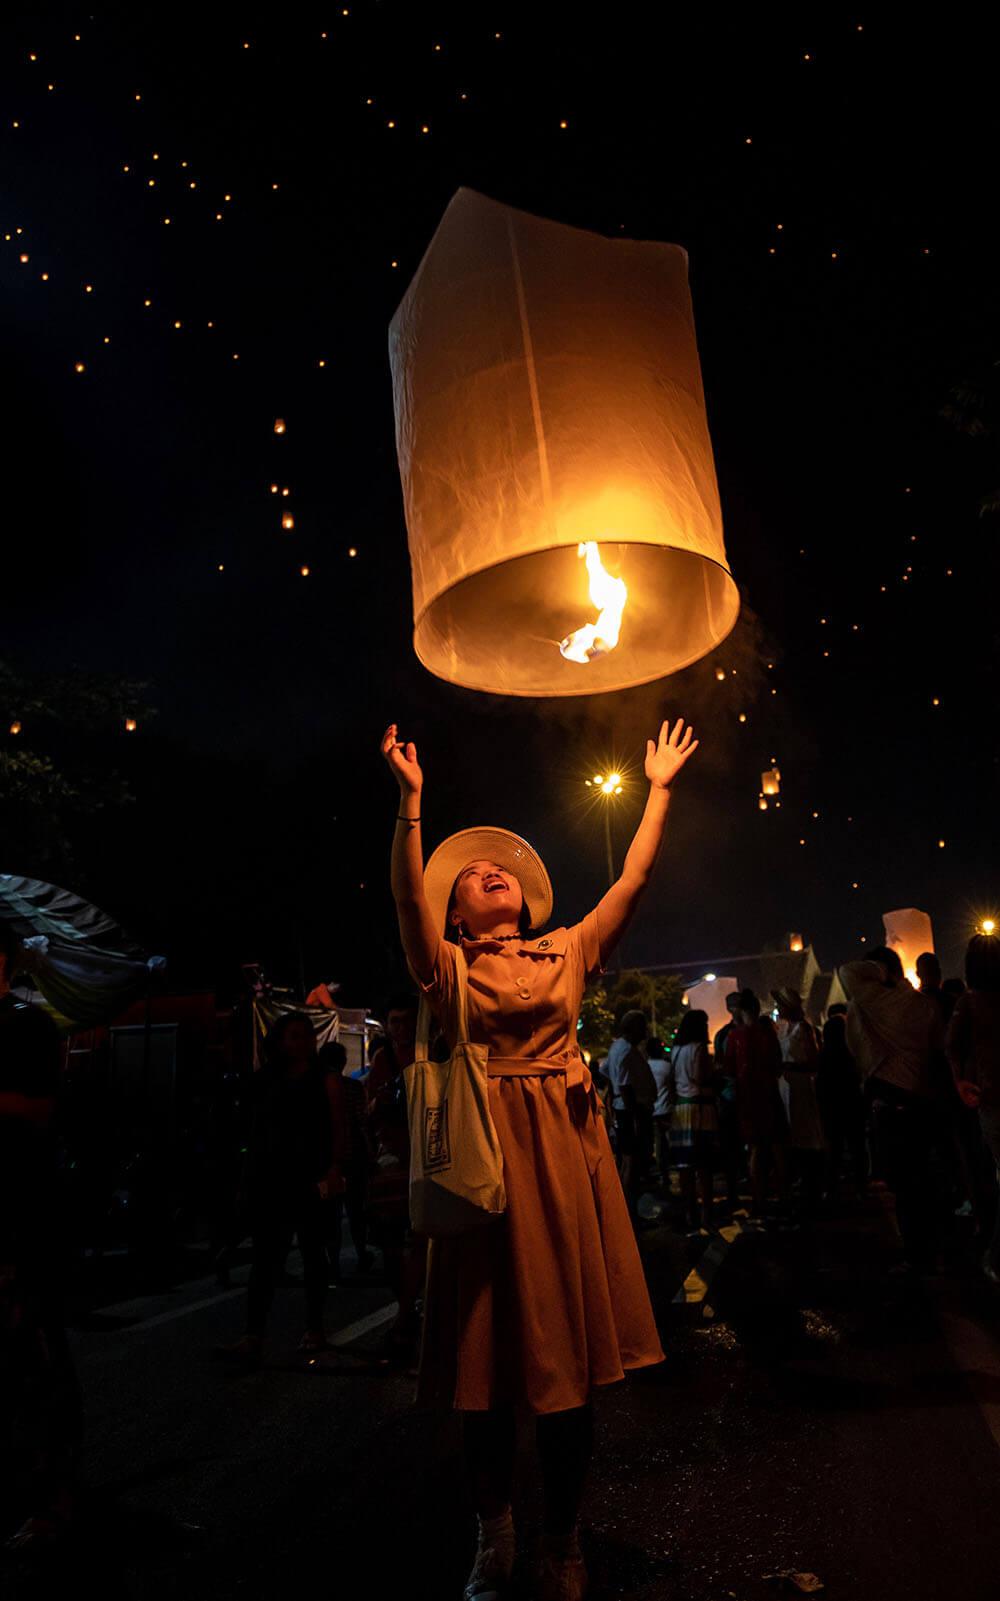 Loi Krathong Lantern Festival